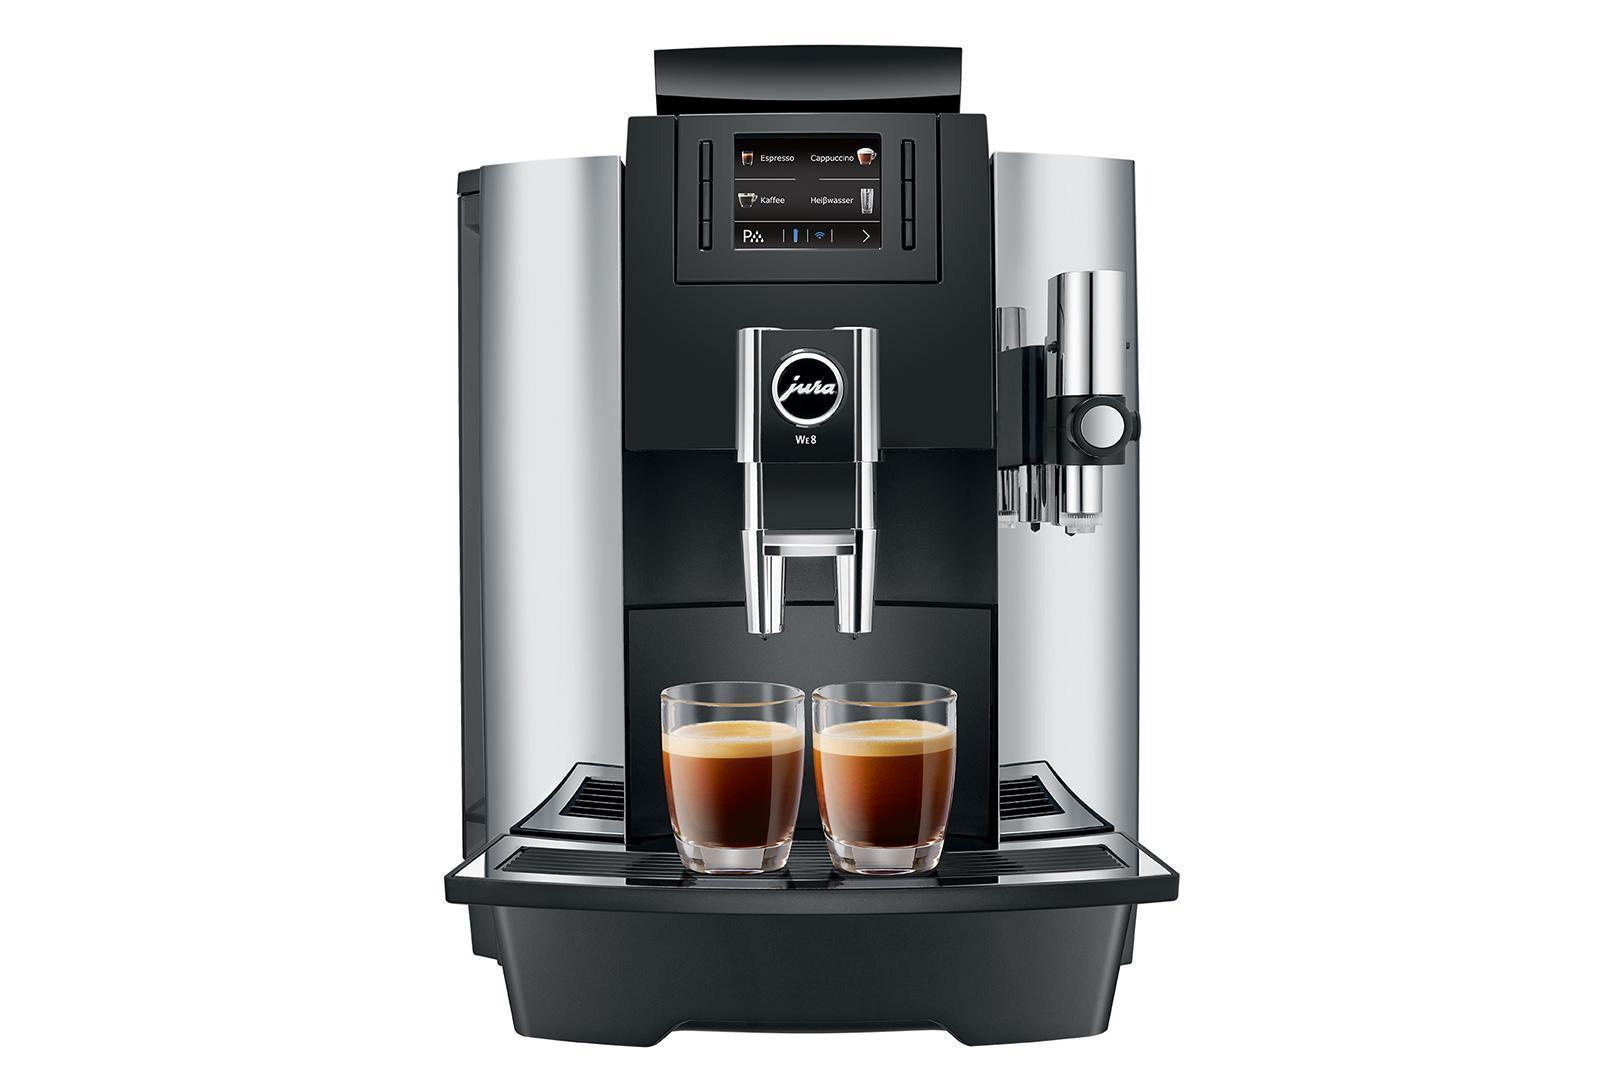 Automatický kávovar Jura WE8 pro přípravu mléčných specialit (caffe latté, cappuccino, ..)